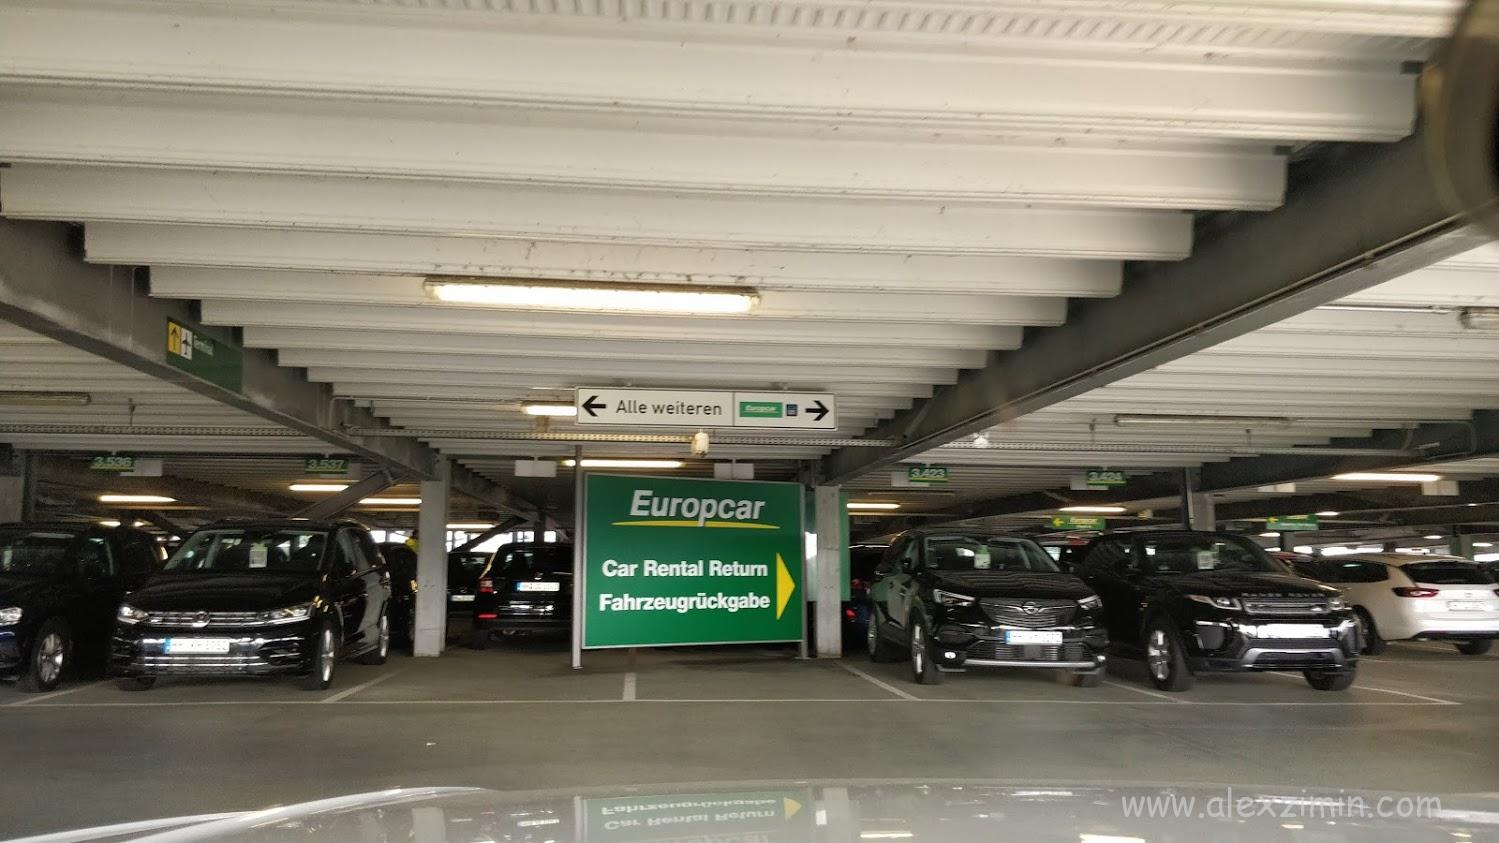 Машины прокатчика Europcar в аэропорту Дюссельдорфа